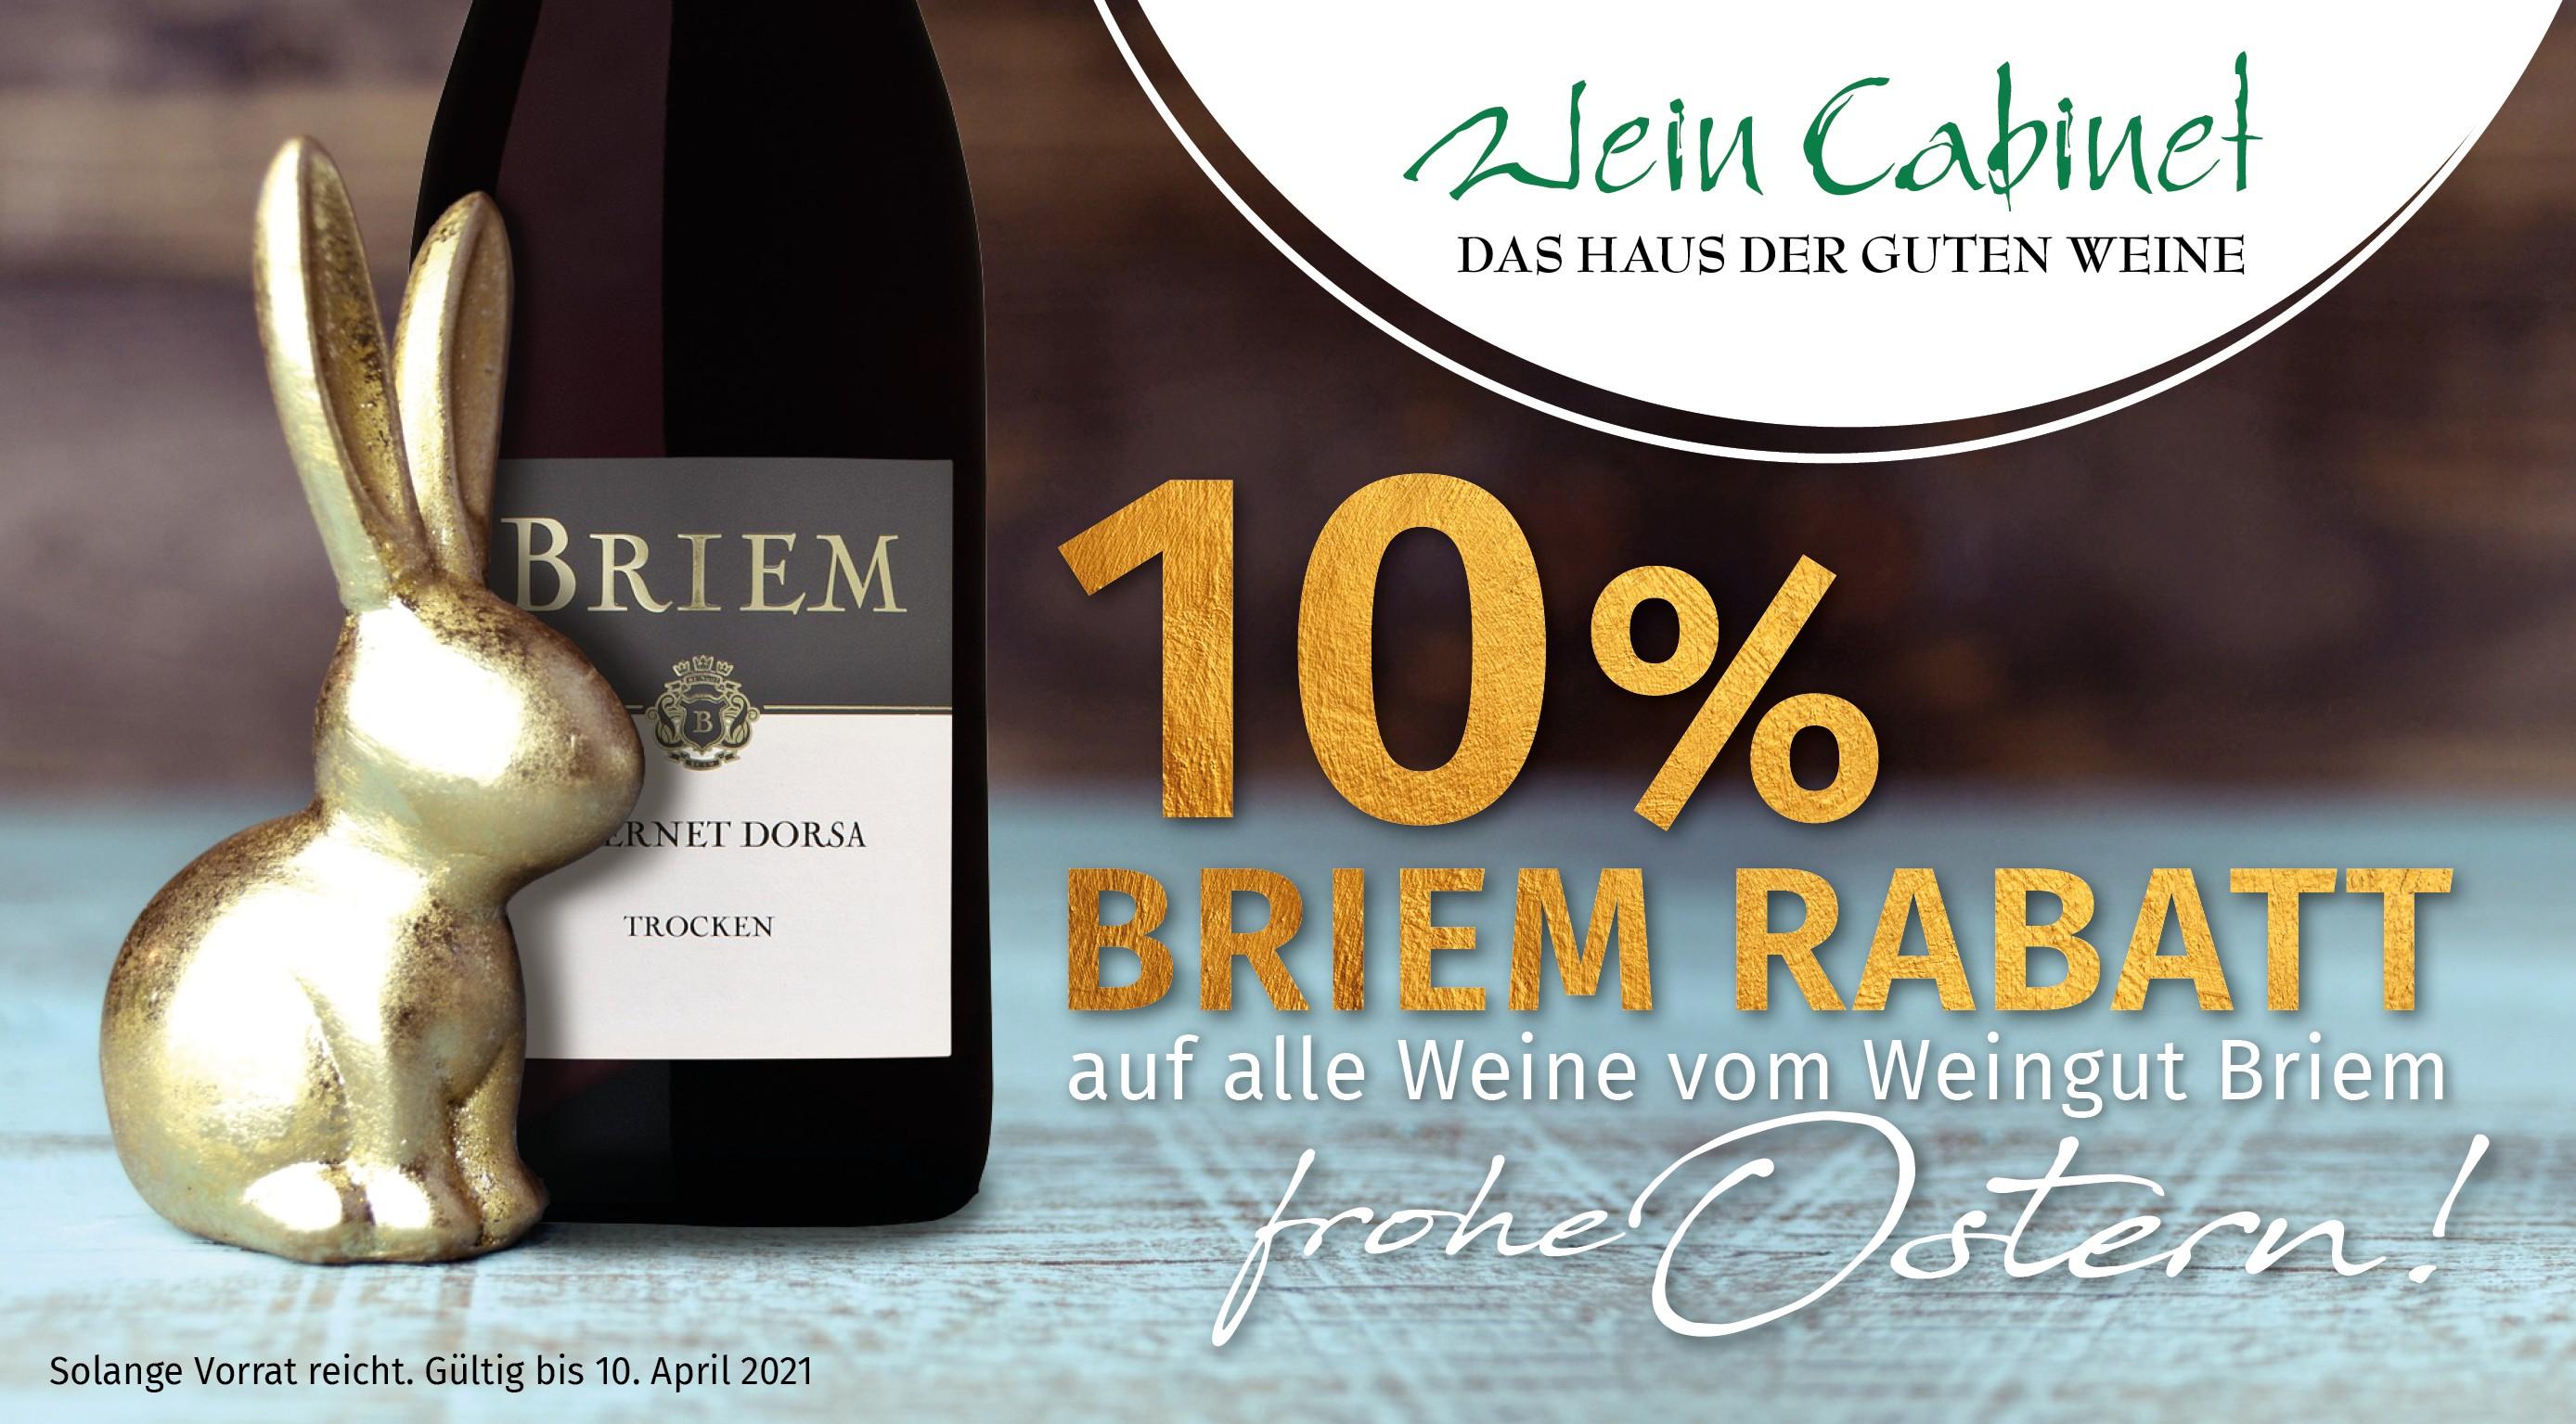 10% Osterrabatt auf alle Briem Weine ,Osterrabatt auf Briemweine, Ostergeschenk-Ideen